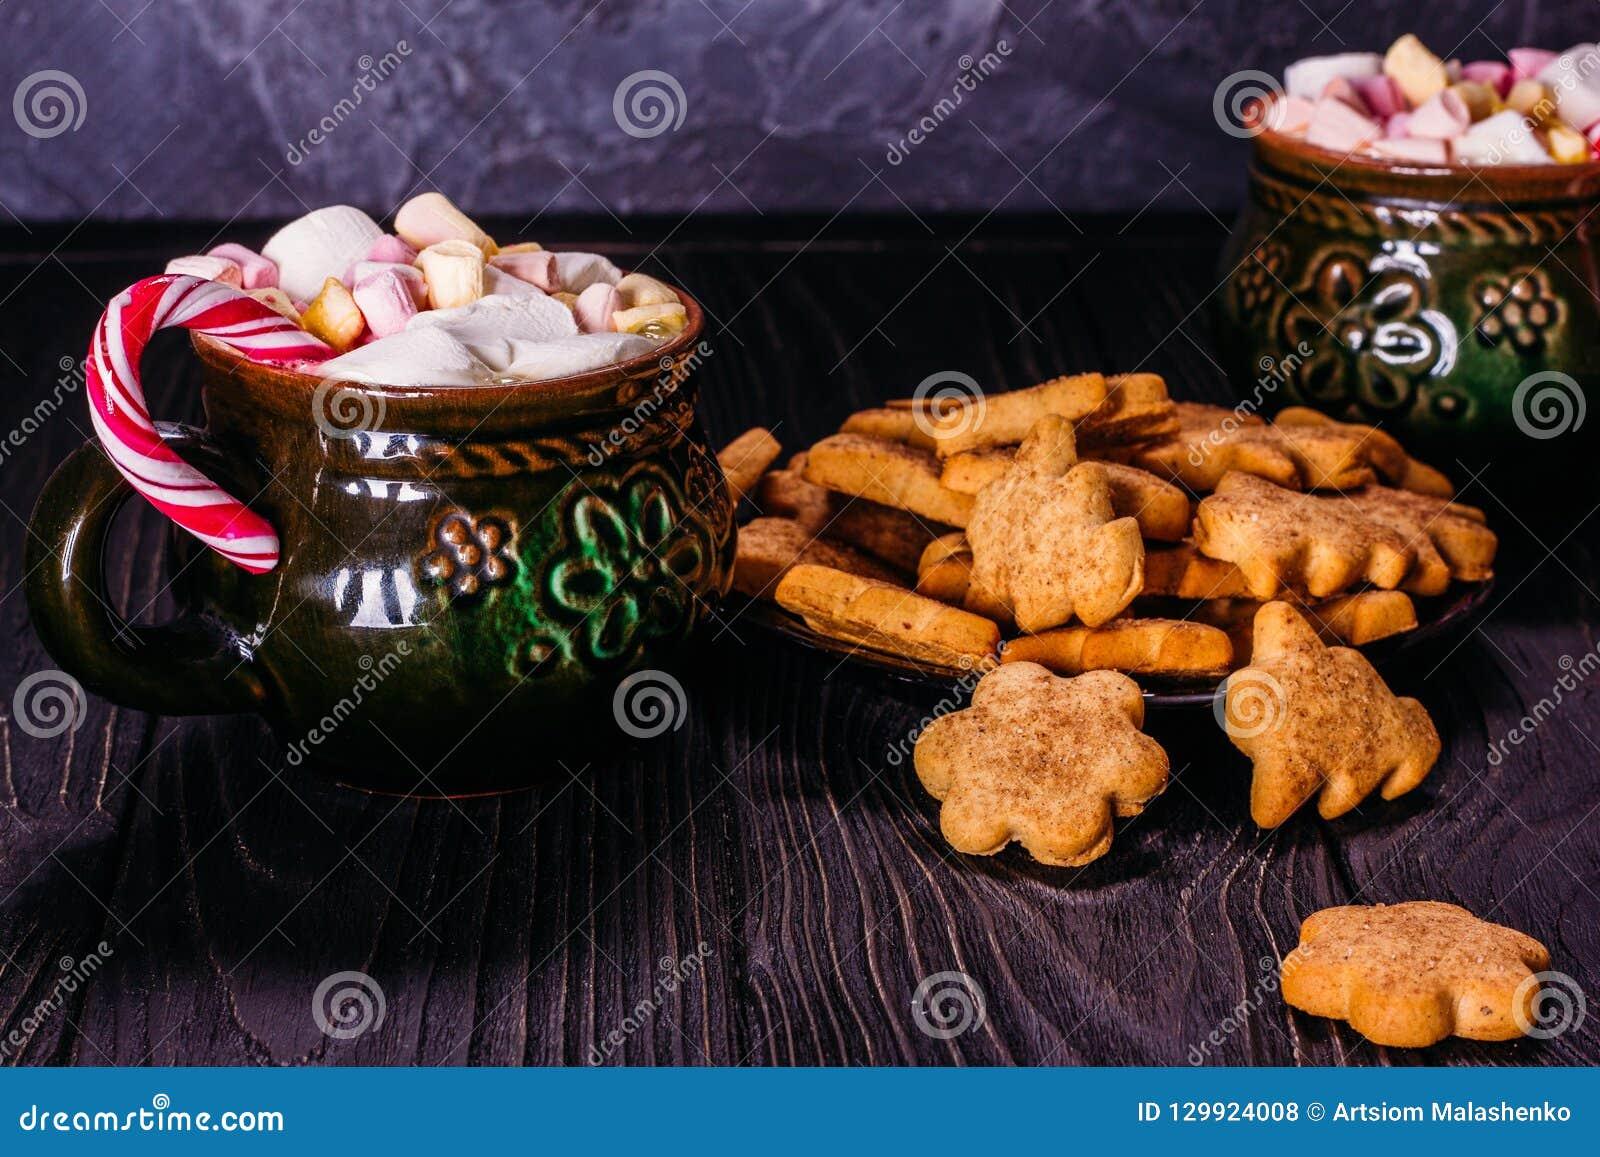 full biscuit